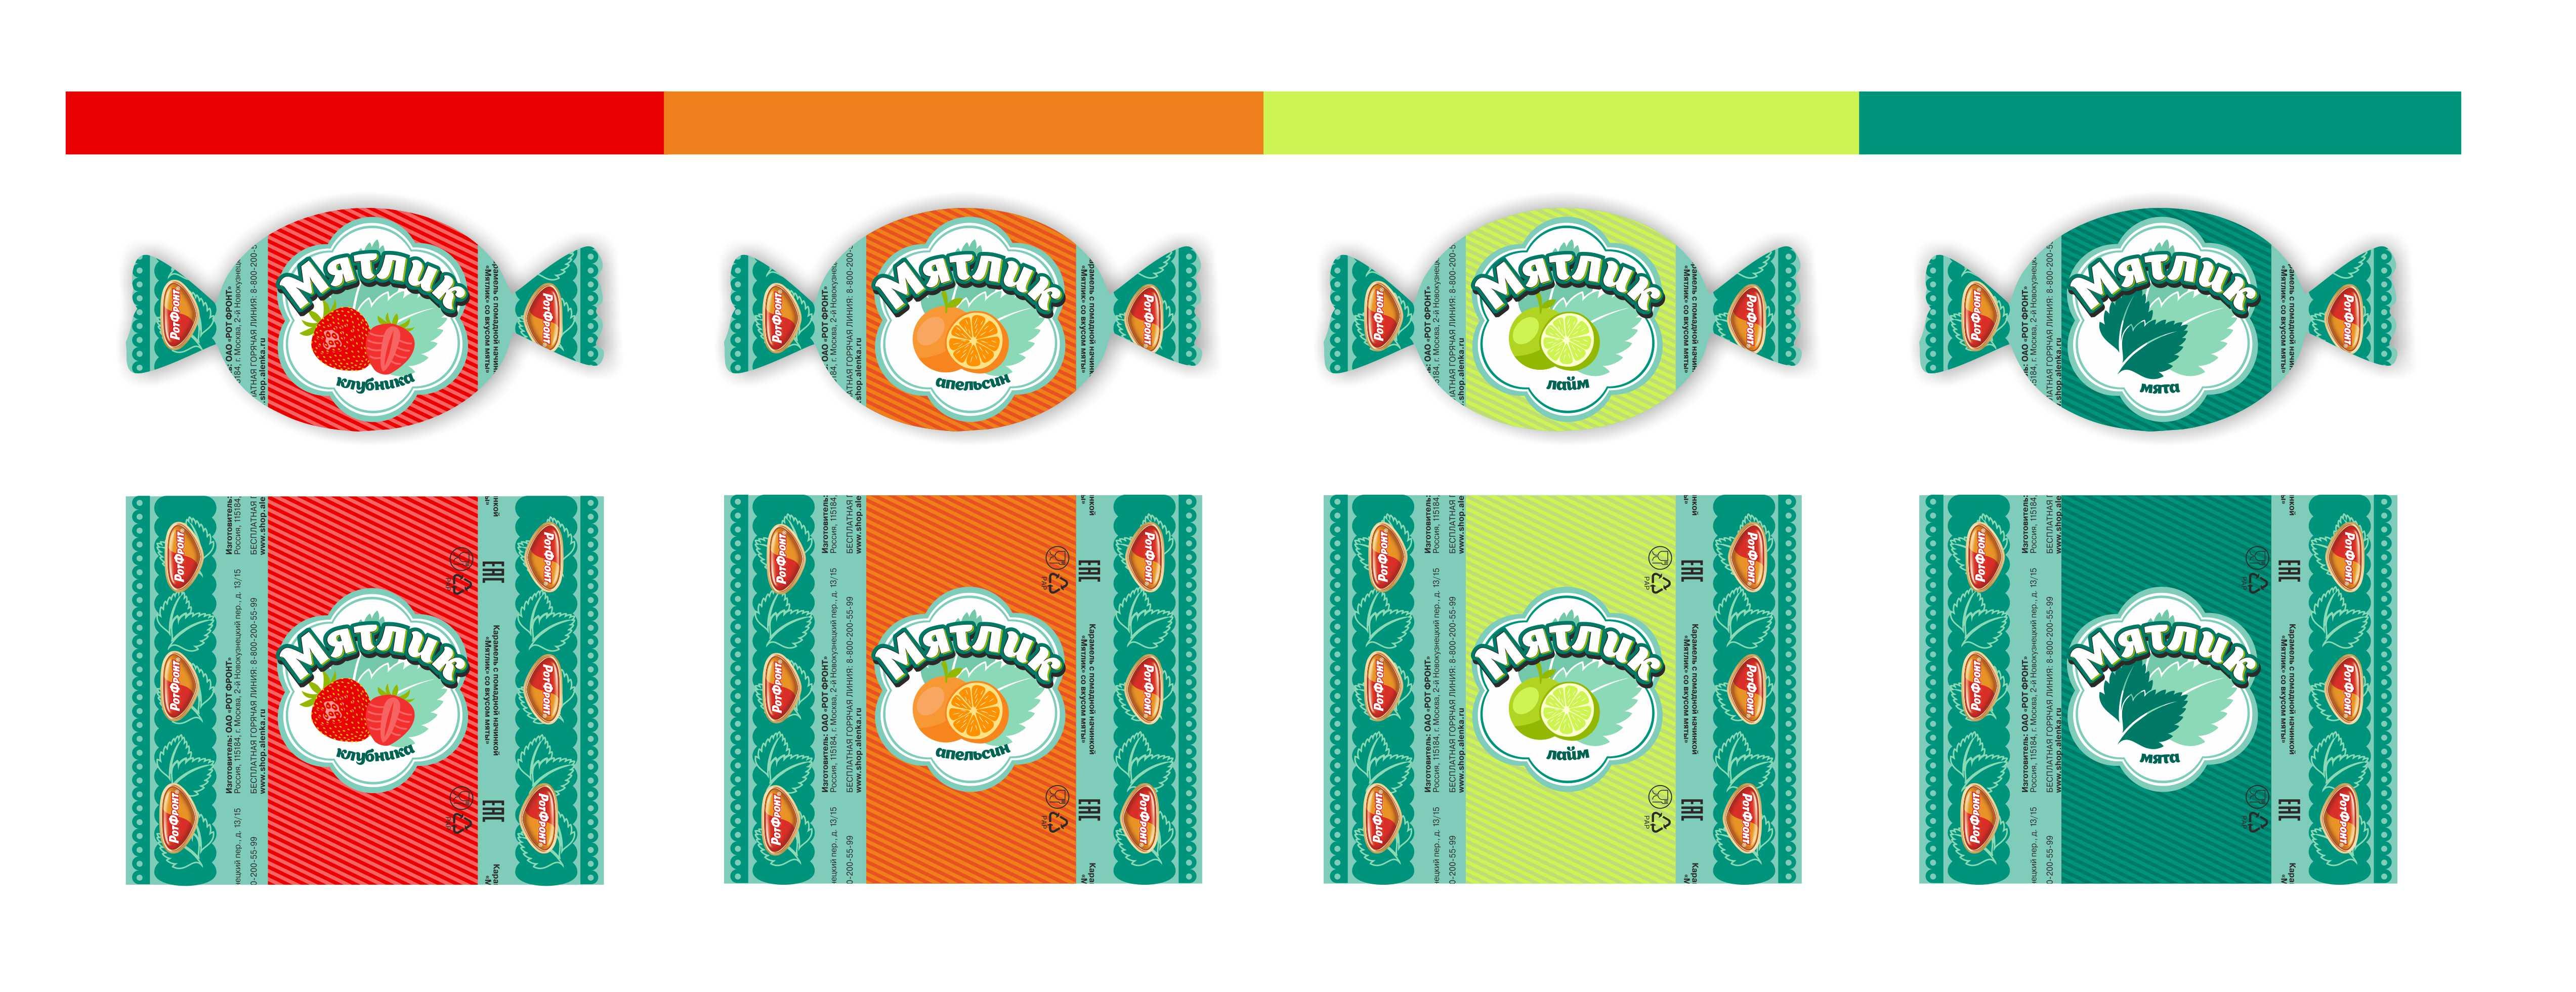 Разработка дизайна упаковки для мятной карамели от Рот Фронт фото f_80659f21c72063de.jpg